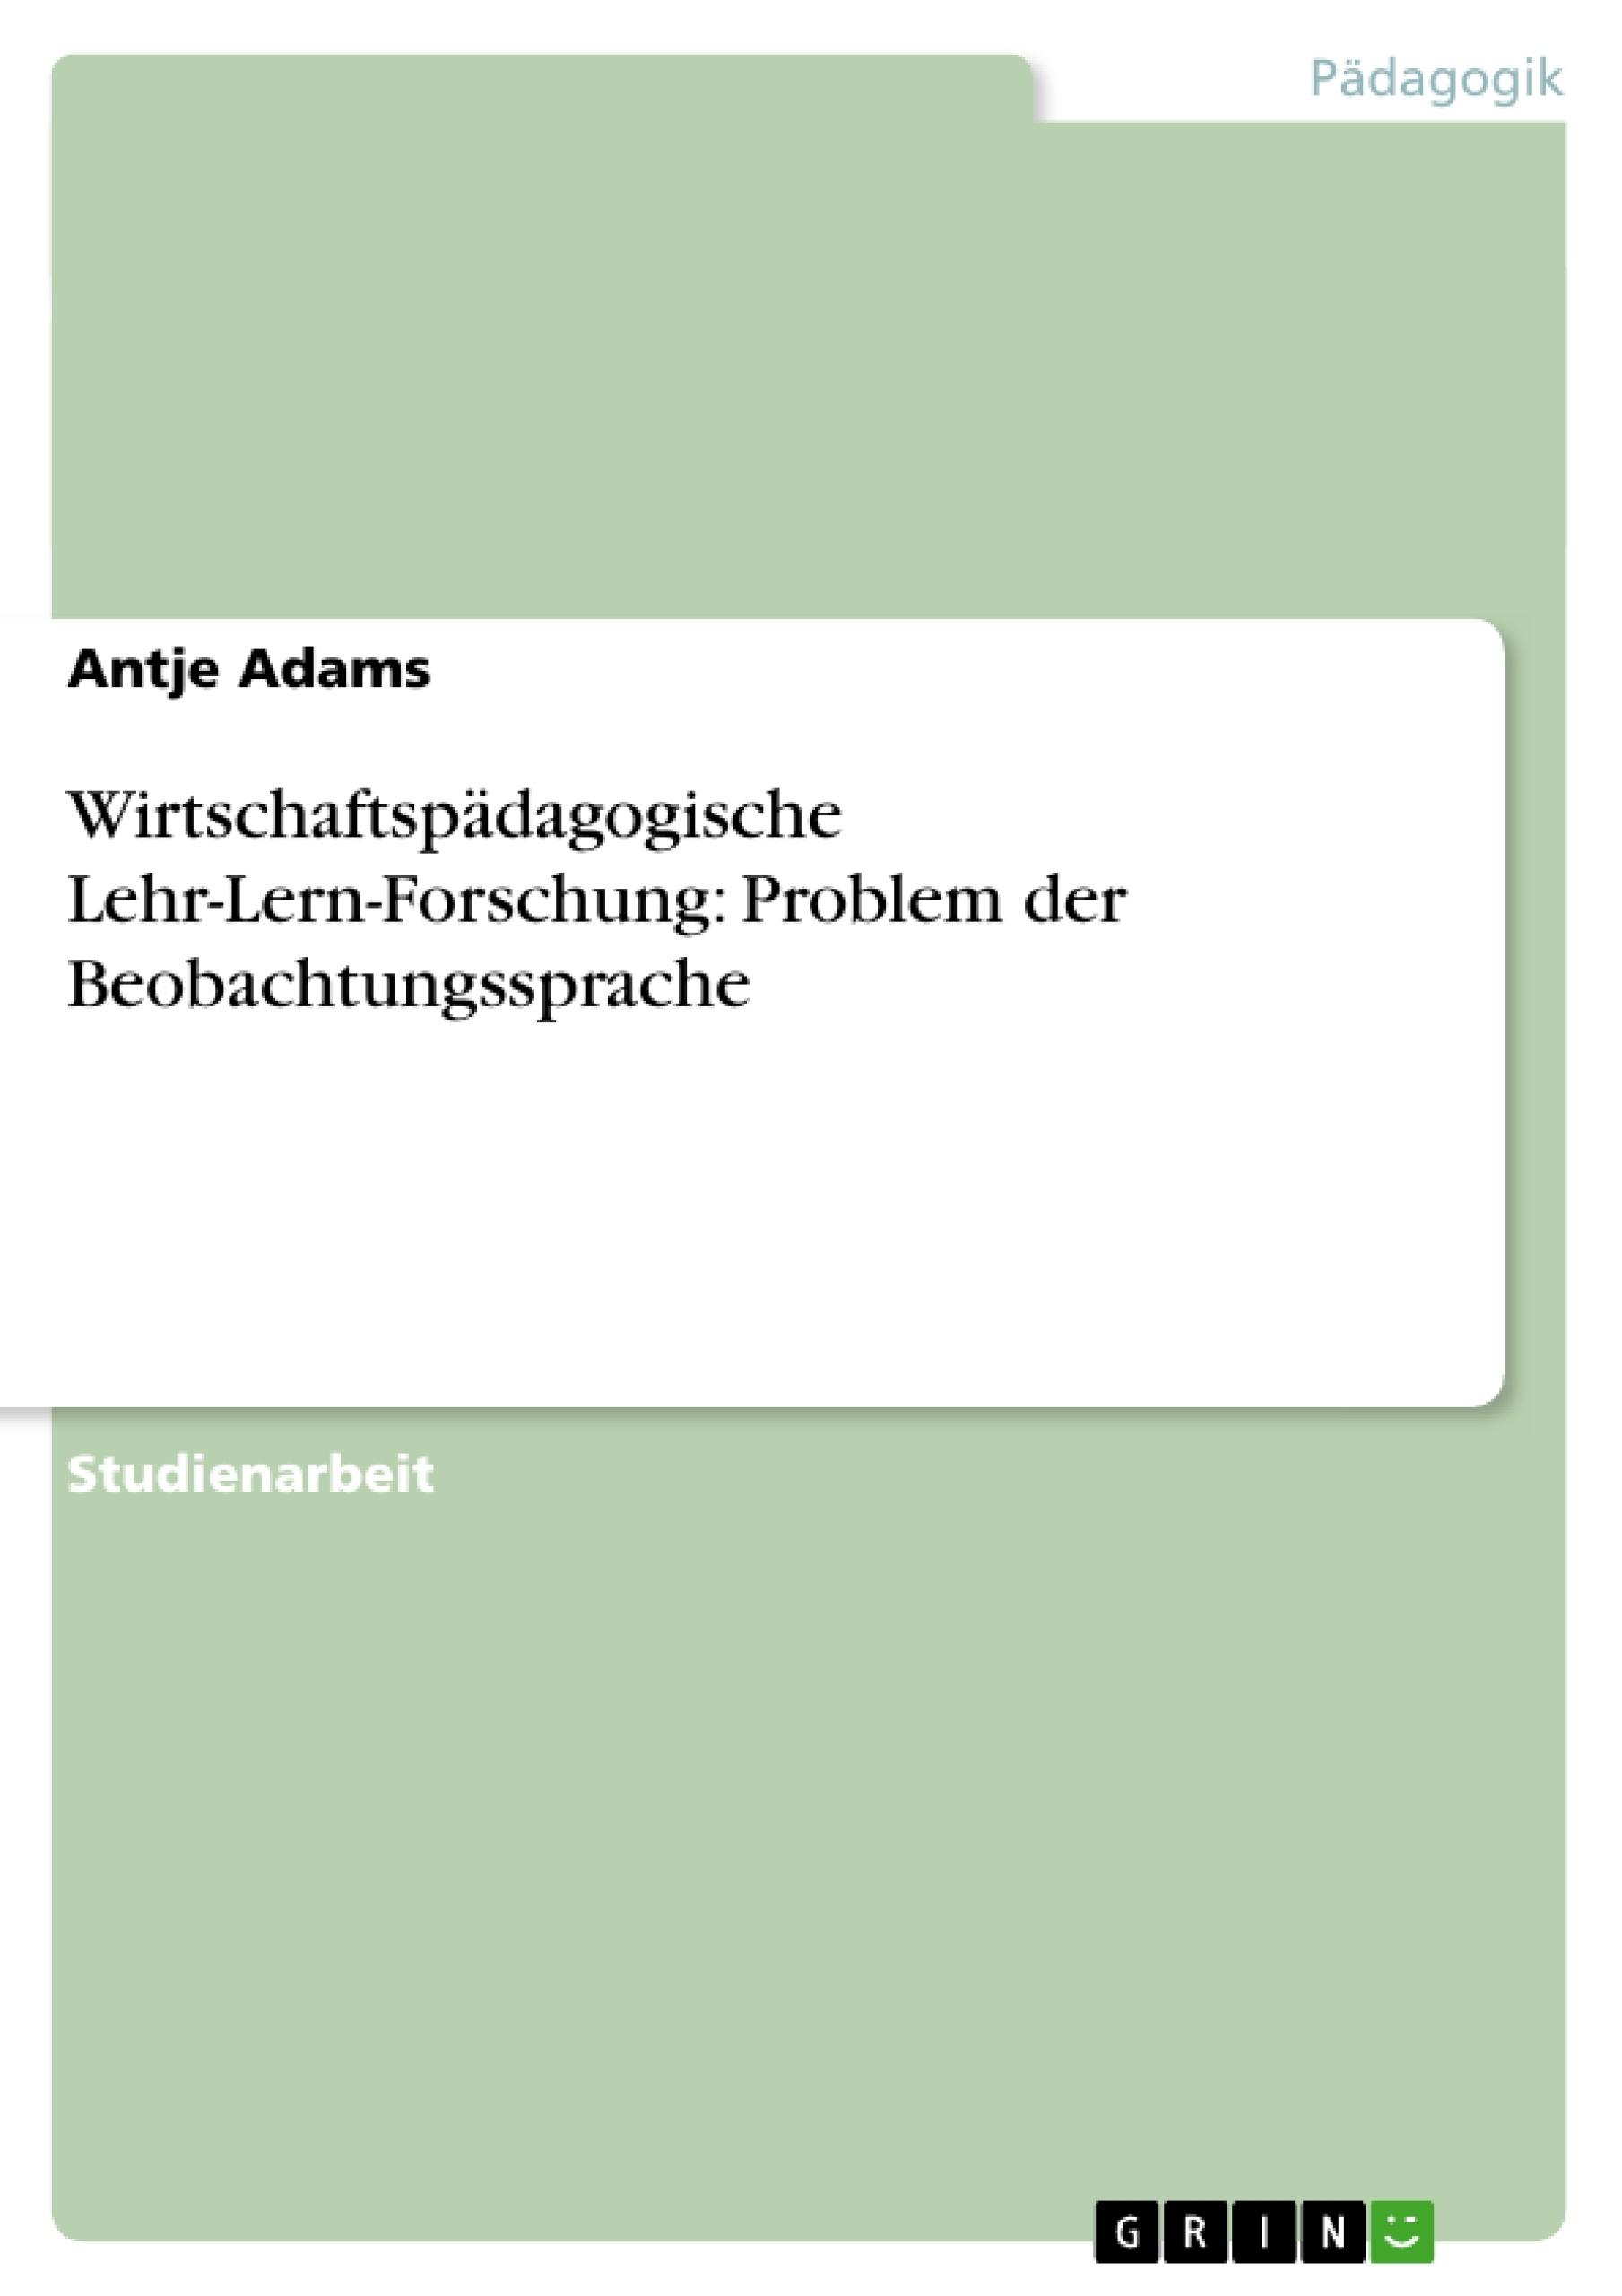 Titel: Wirtschaftspädagogische Lehr-Lern-Forschung: Problem der Beobachtungssprache